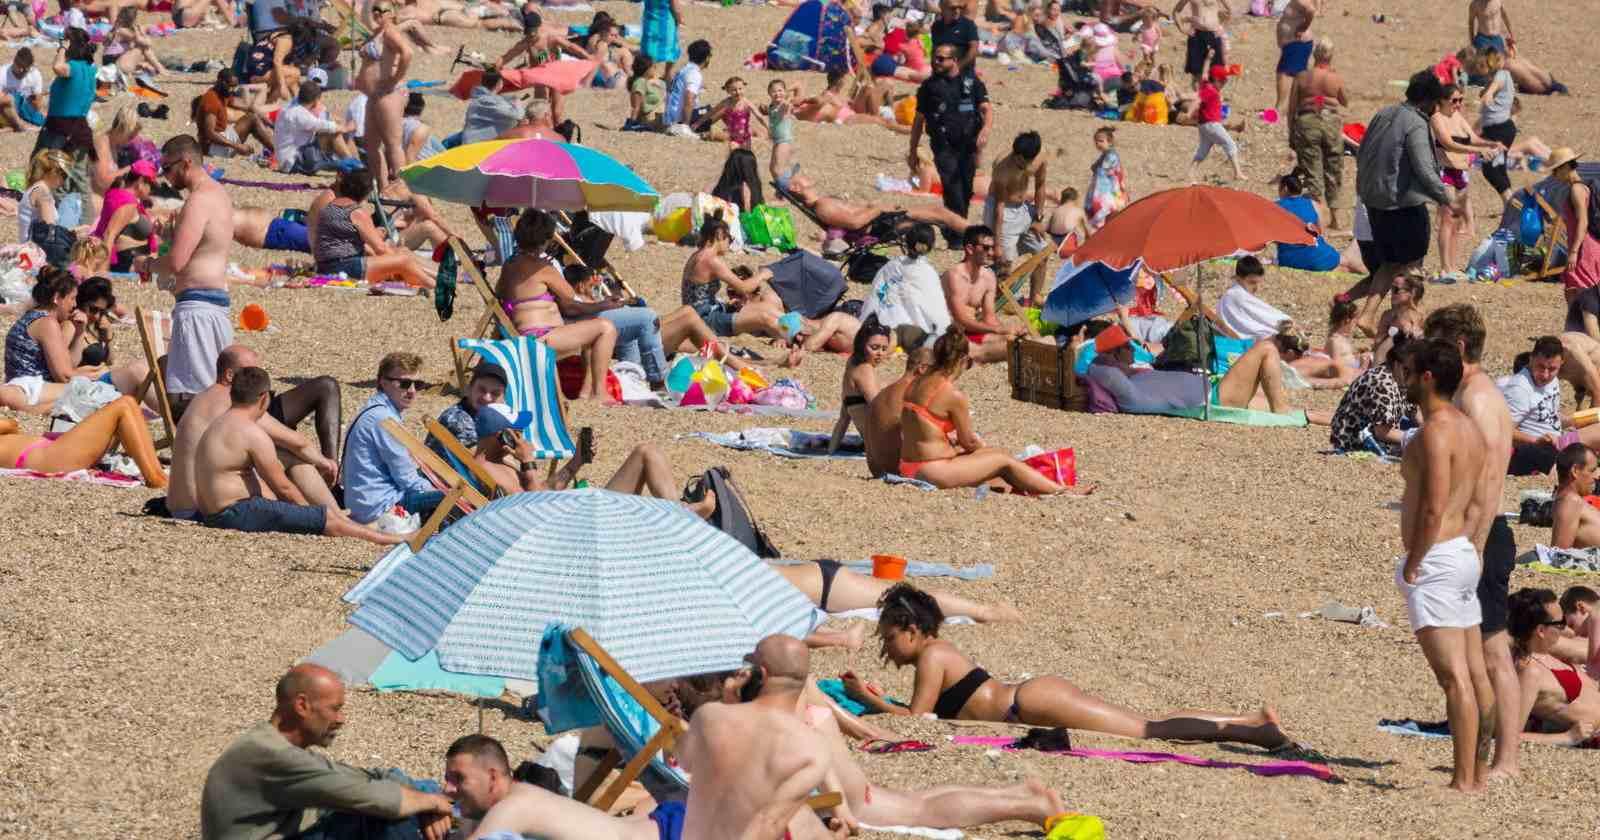 Gobierno británico amenaza con cerrar las playas tras la flexibilización de la cuarentena